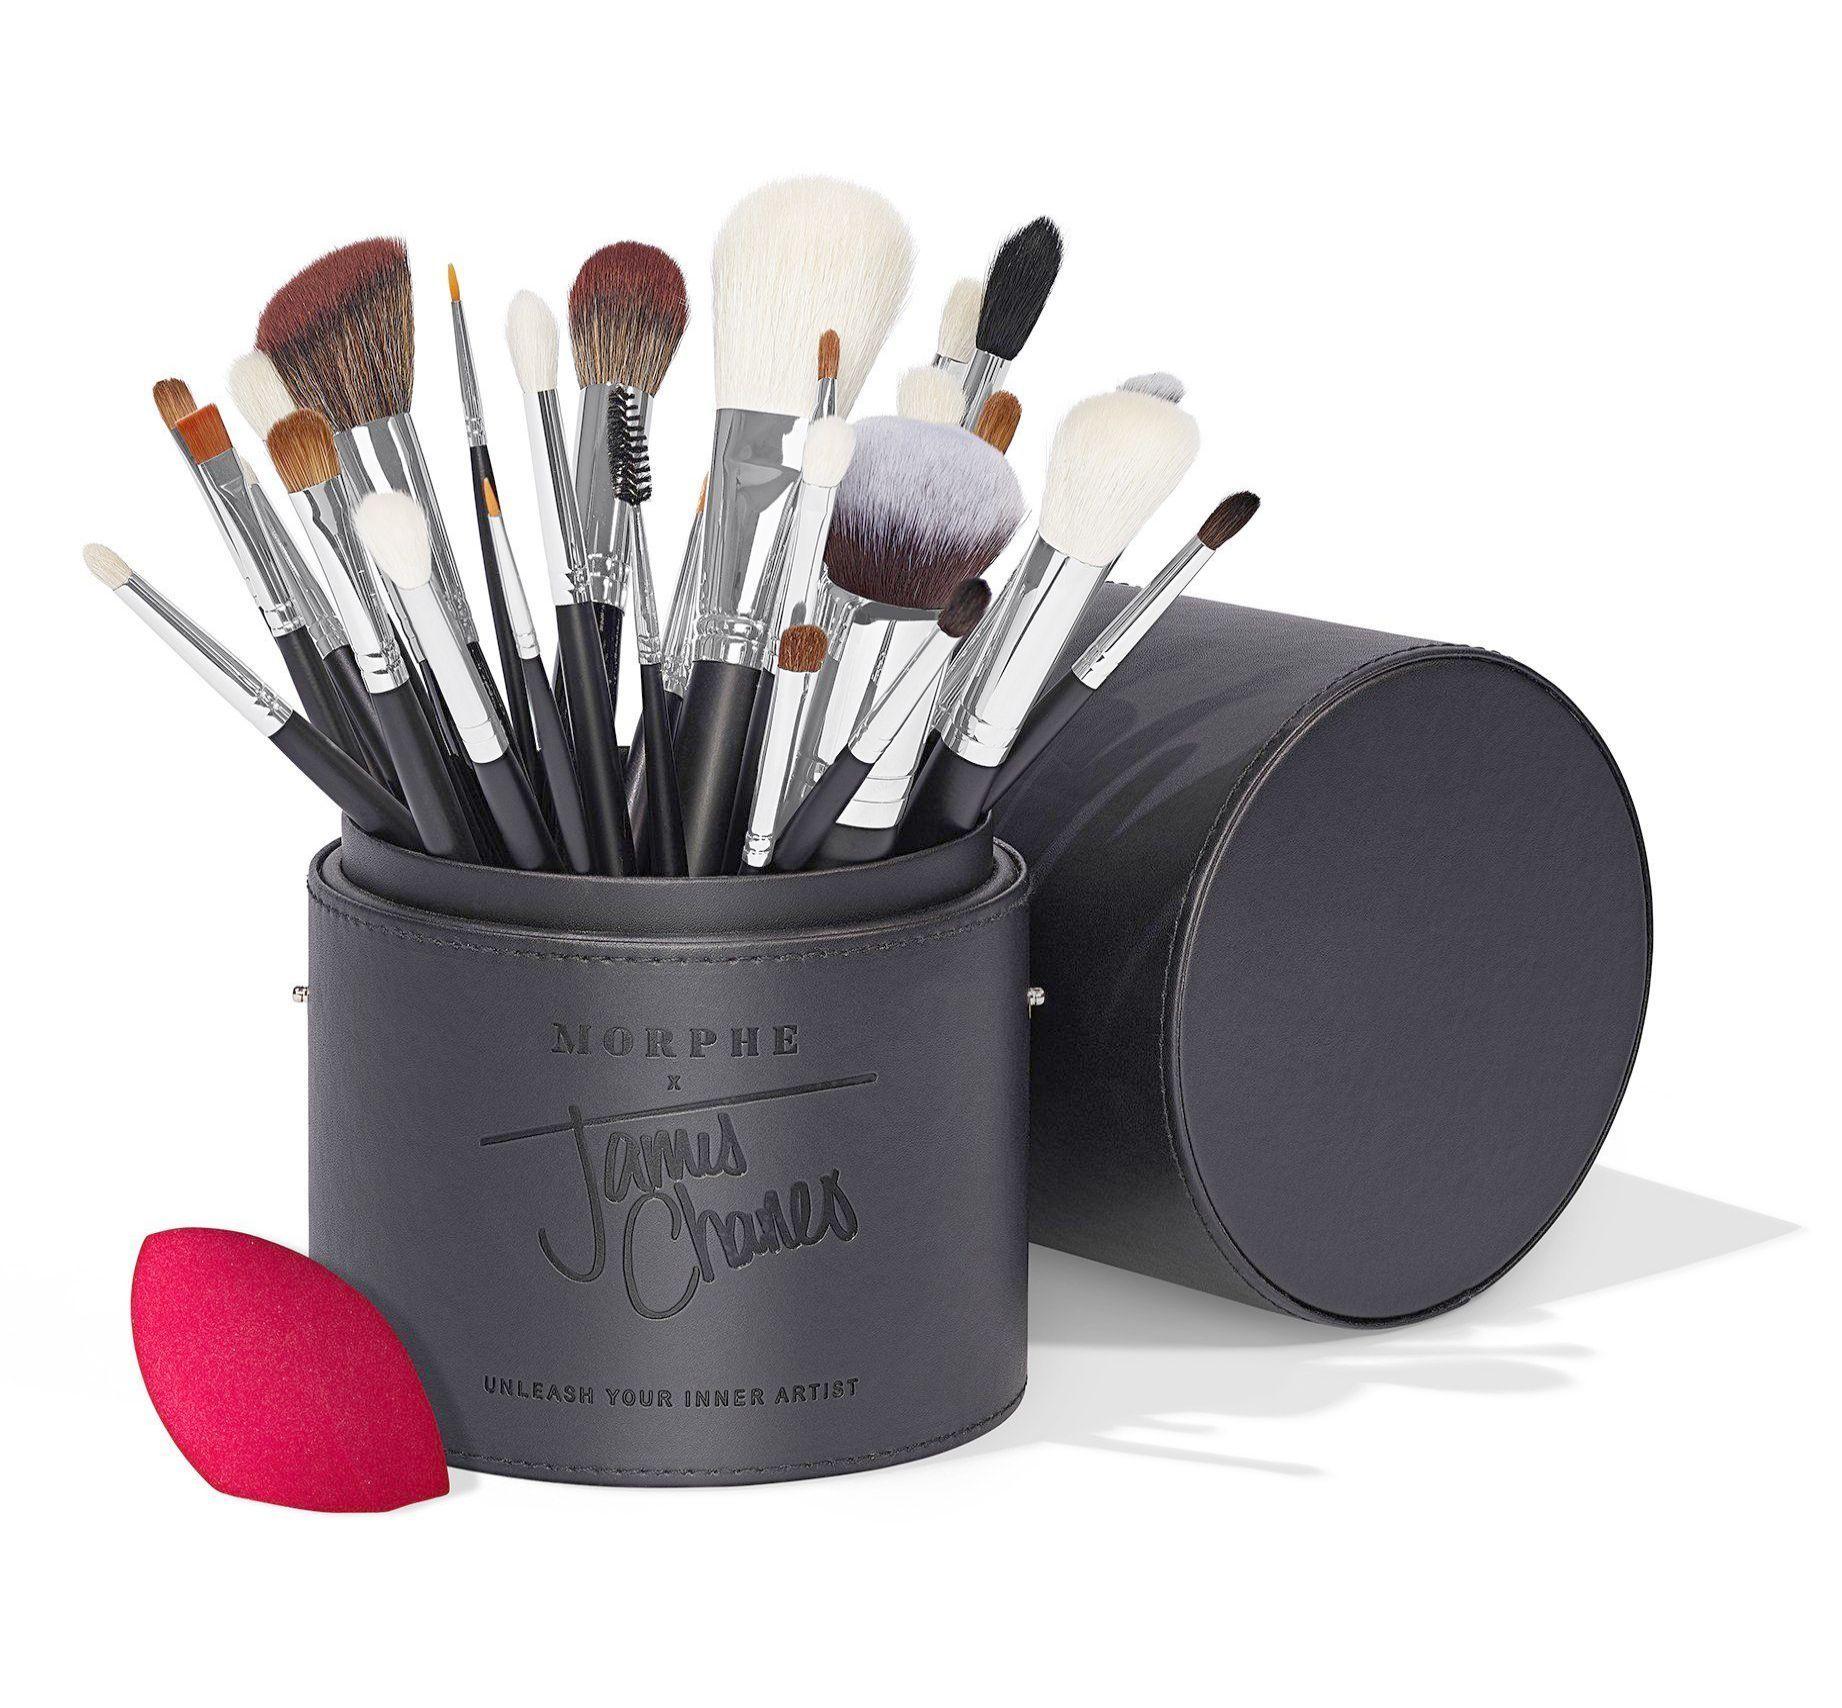 Unimeix Eye Makeup Brushes Set Eyeliner Eyeshadow Blending Brushes